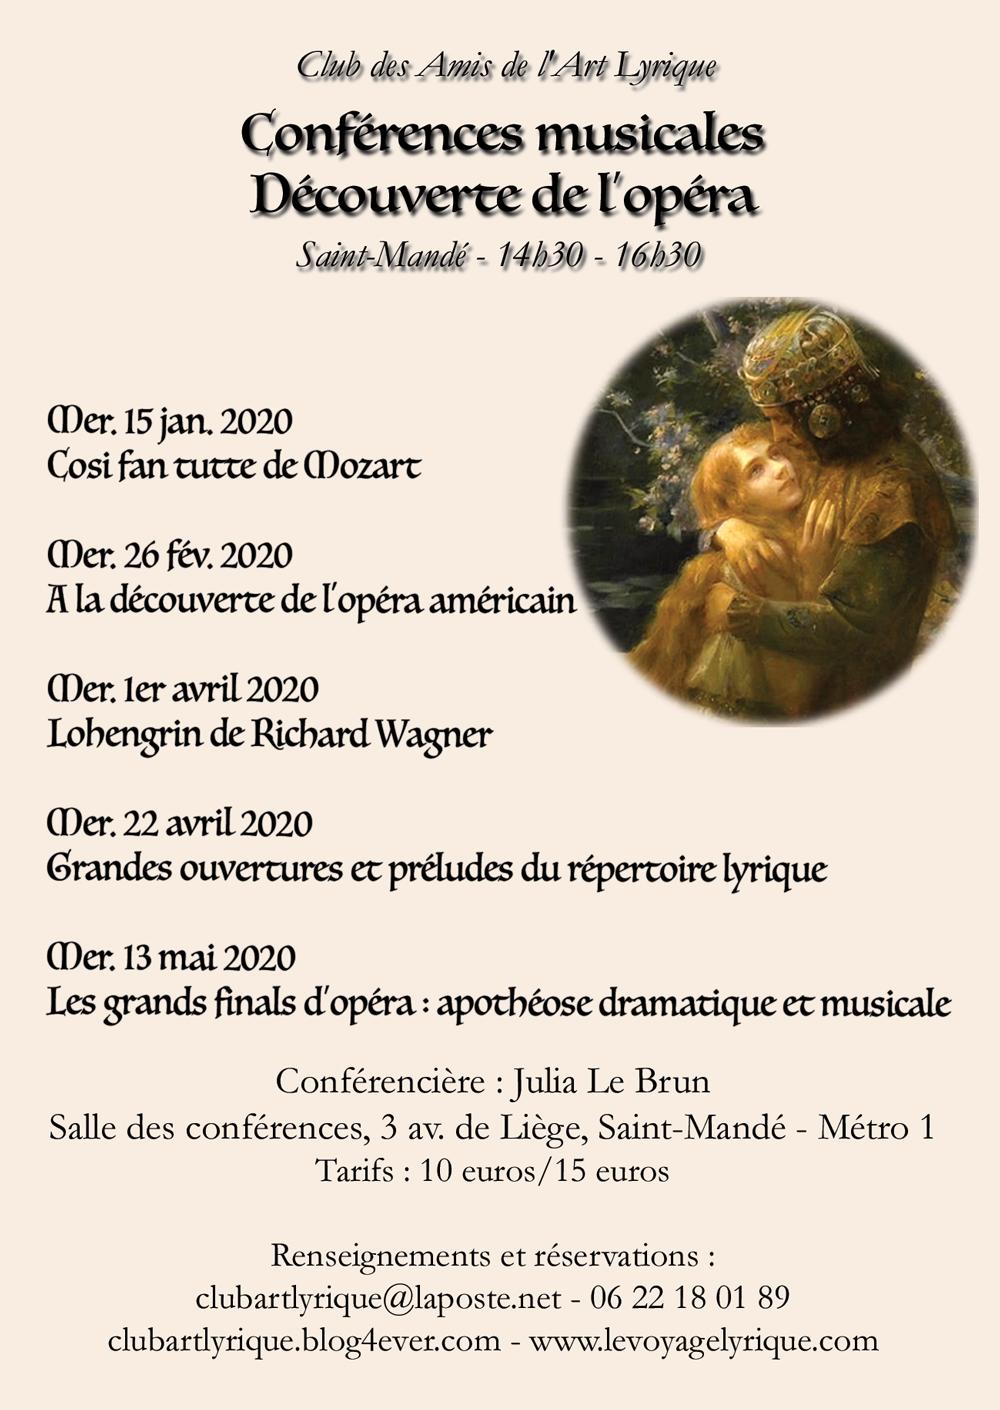 Cursus-Saint-Mandé-19-20-flyer.jpg